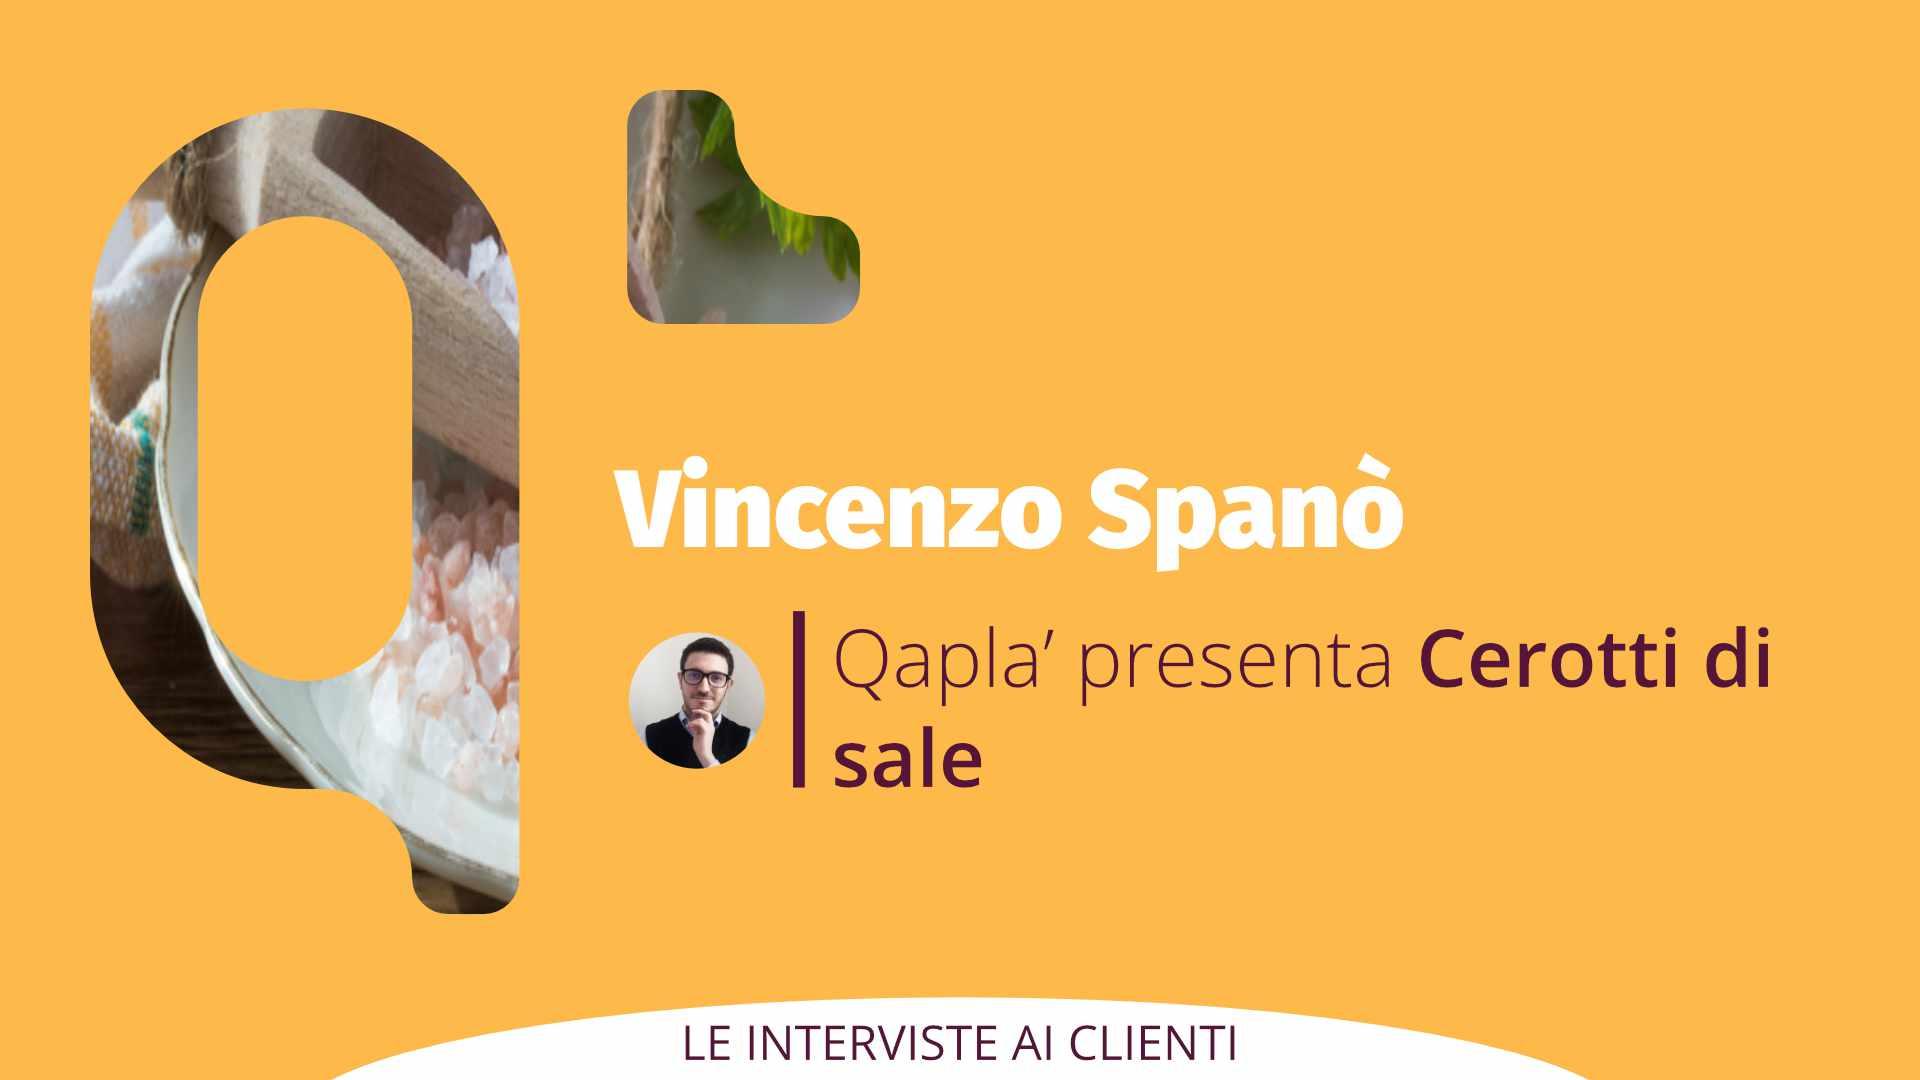 Qapla' presenta Cerotti di Sale: Intervista a Vincenzo Spanò